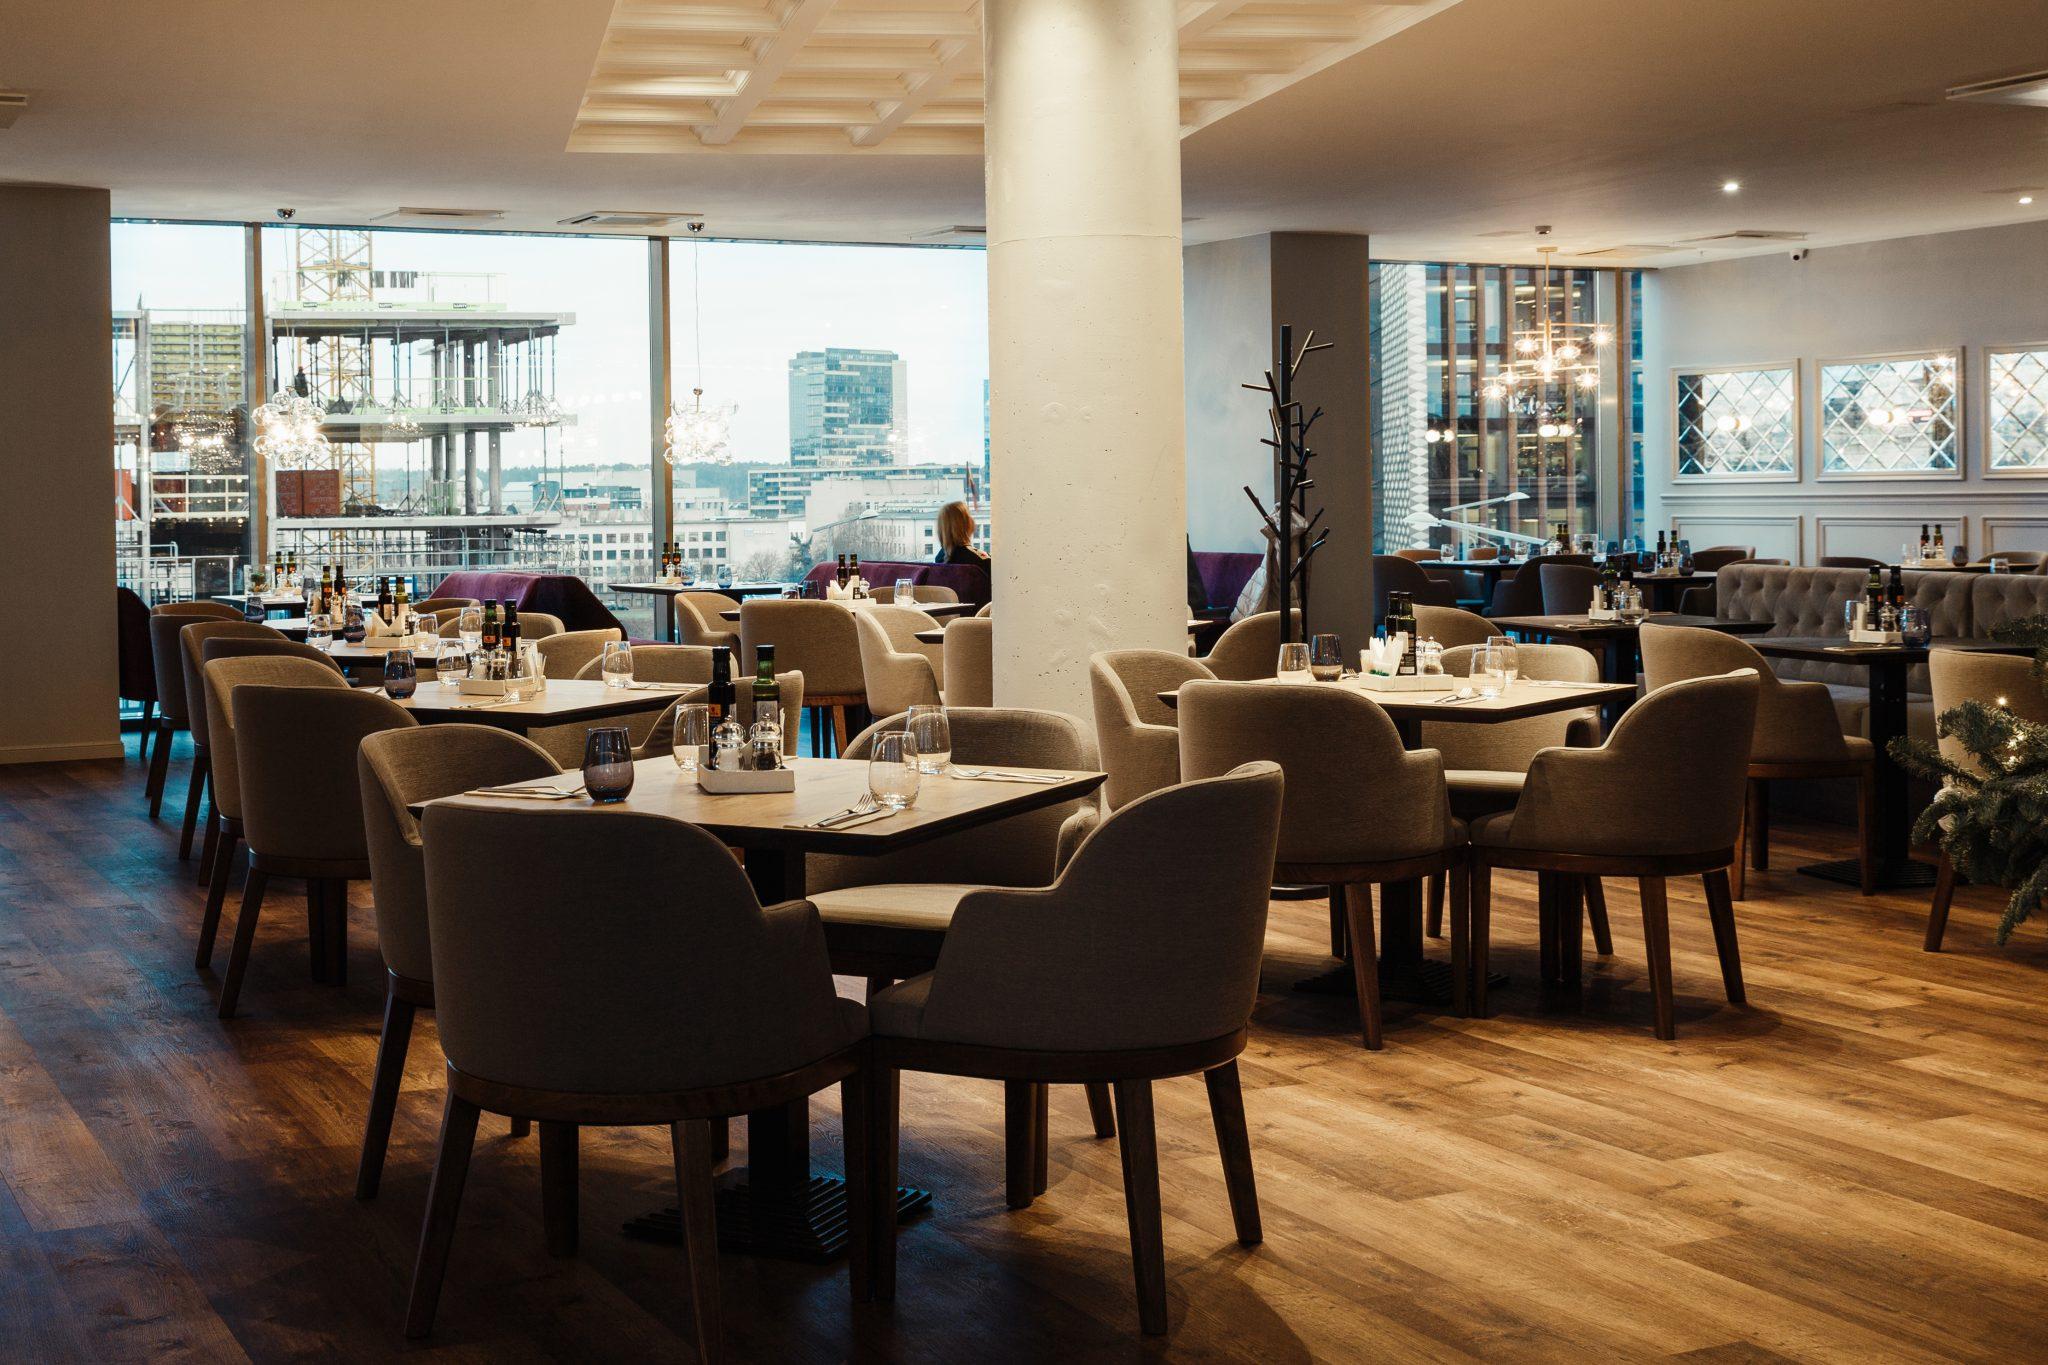 Restoranai Fortas Klasikiniai Pasaulio Patiekalai